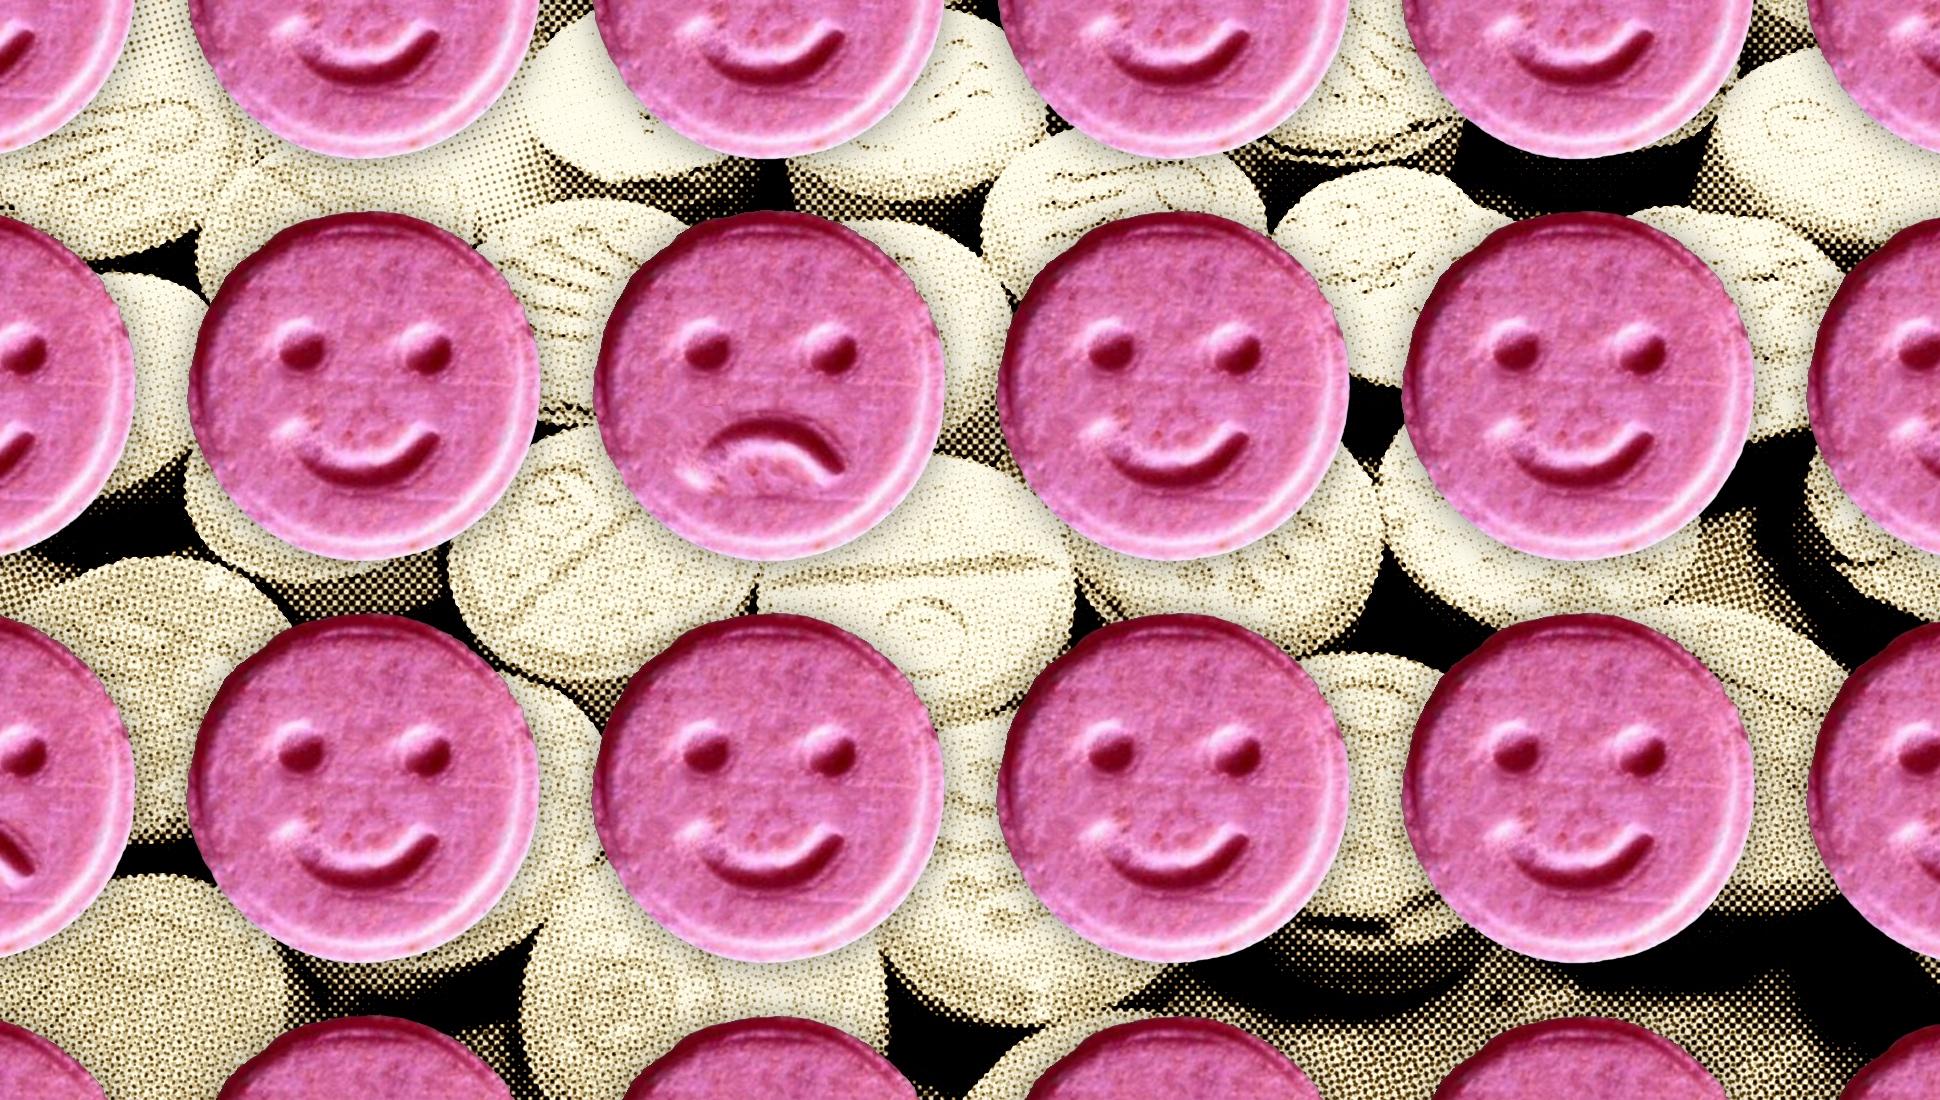 ¿Podría el MDMA ayudar a las personas con problemas de salud mental durante la cuarentena?